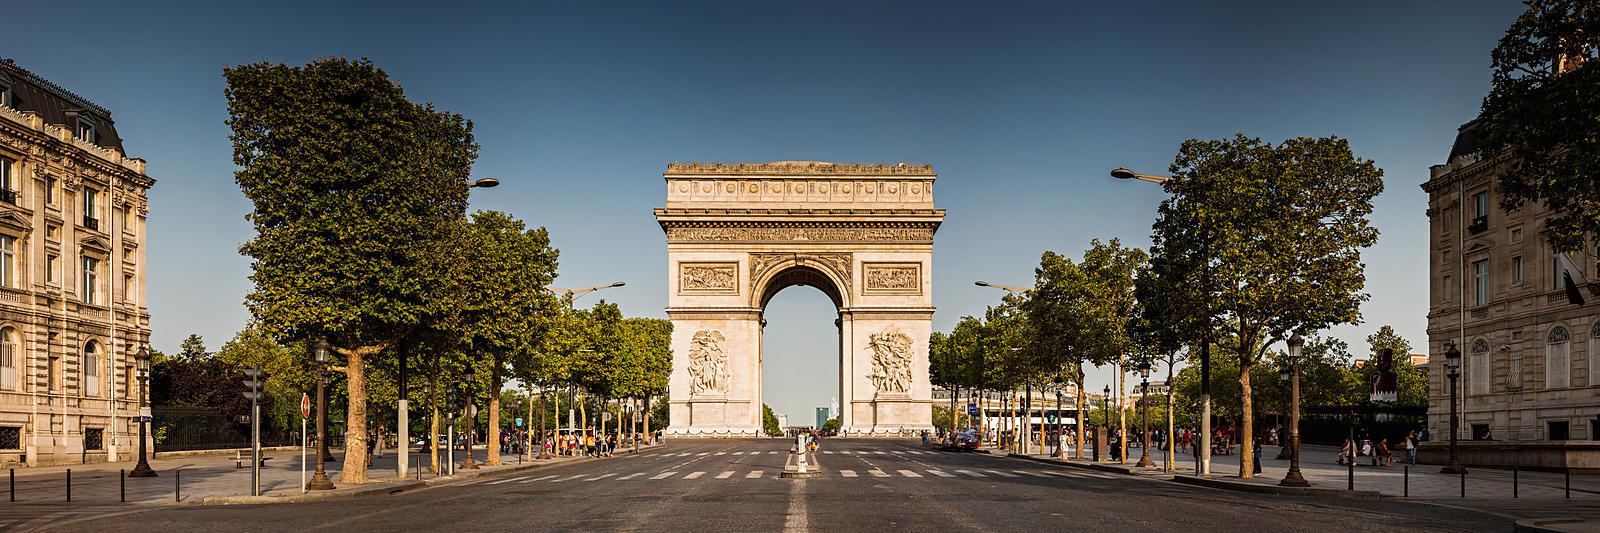 Hotel Louis Blanc Parigi